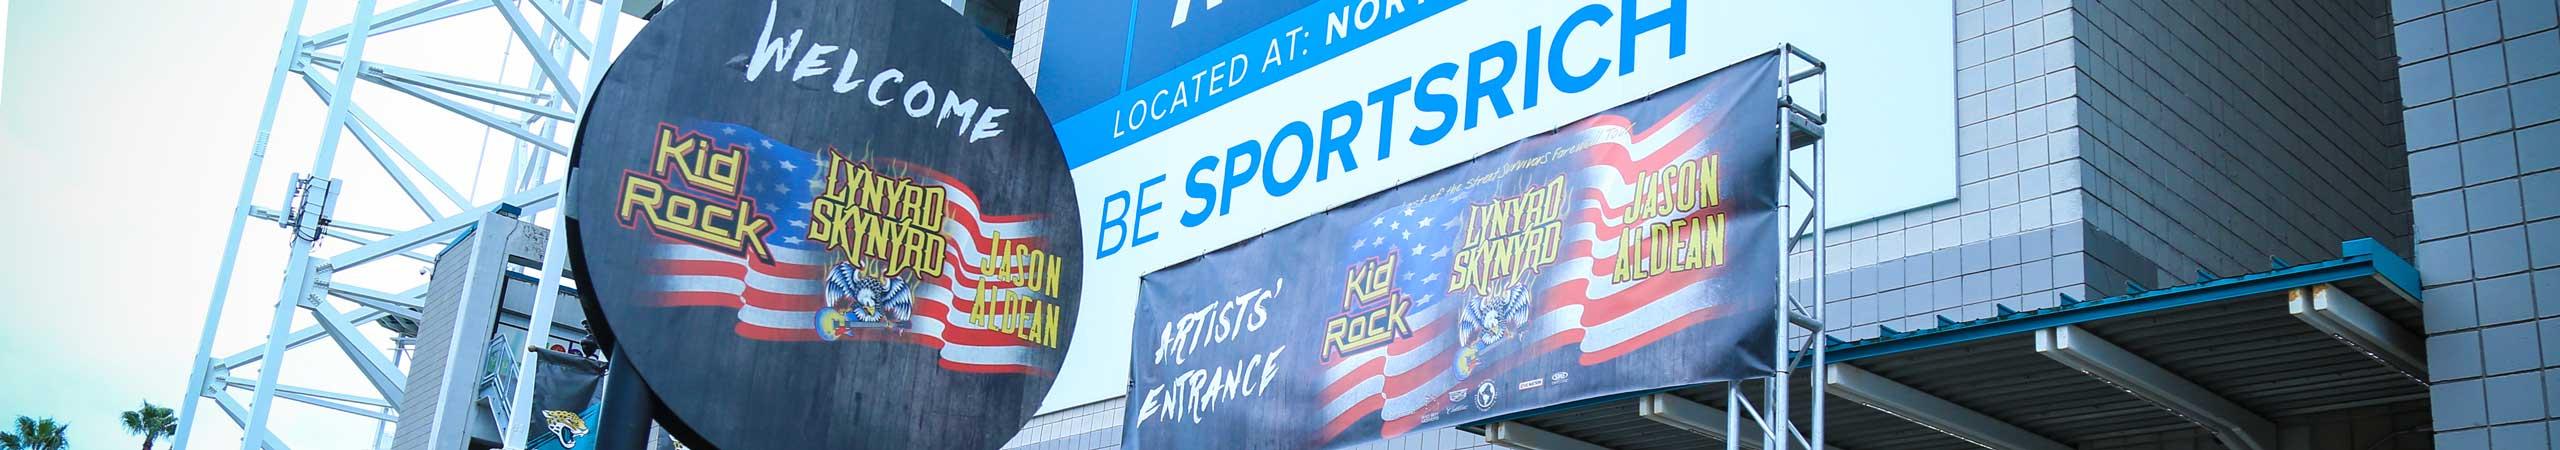 Jacksonville Event Branding